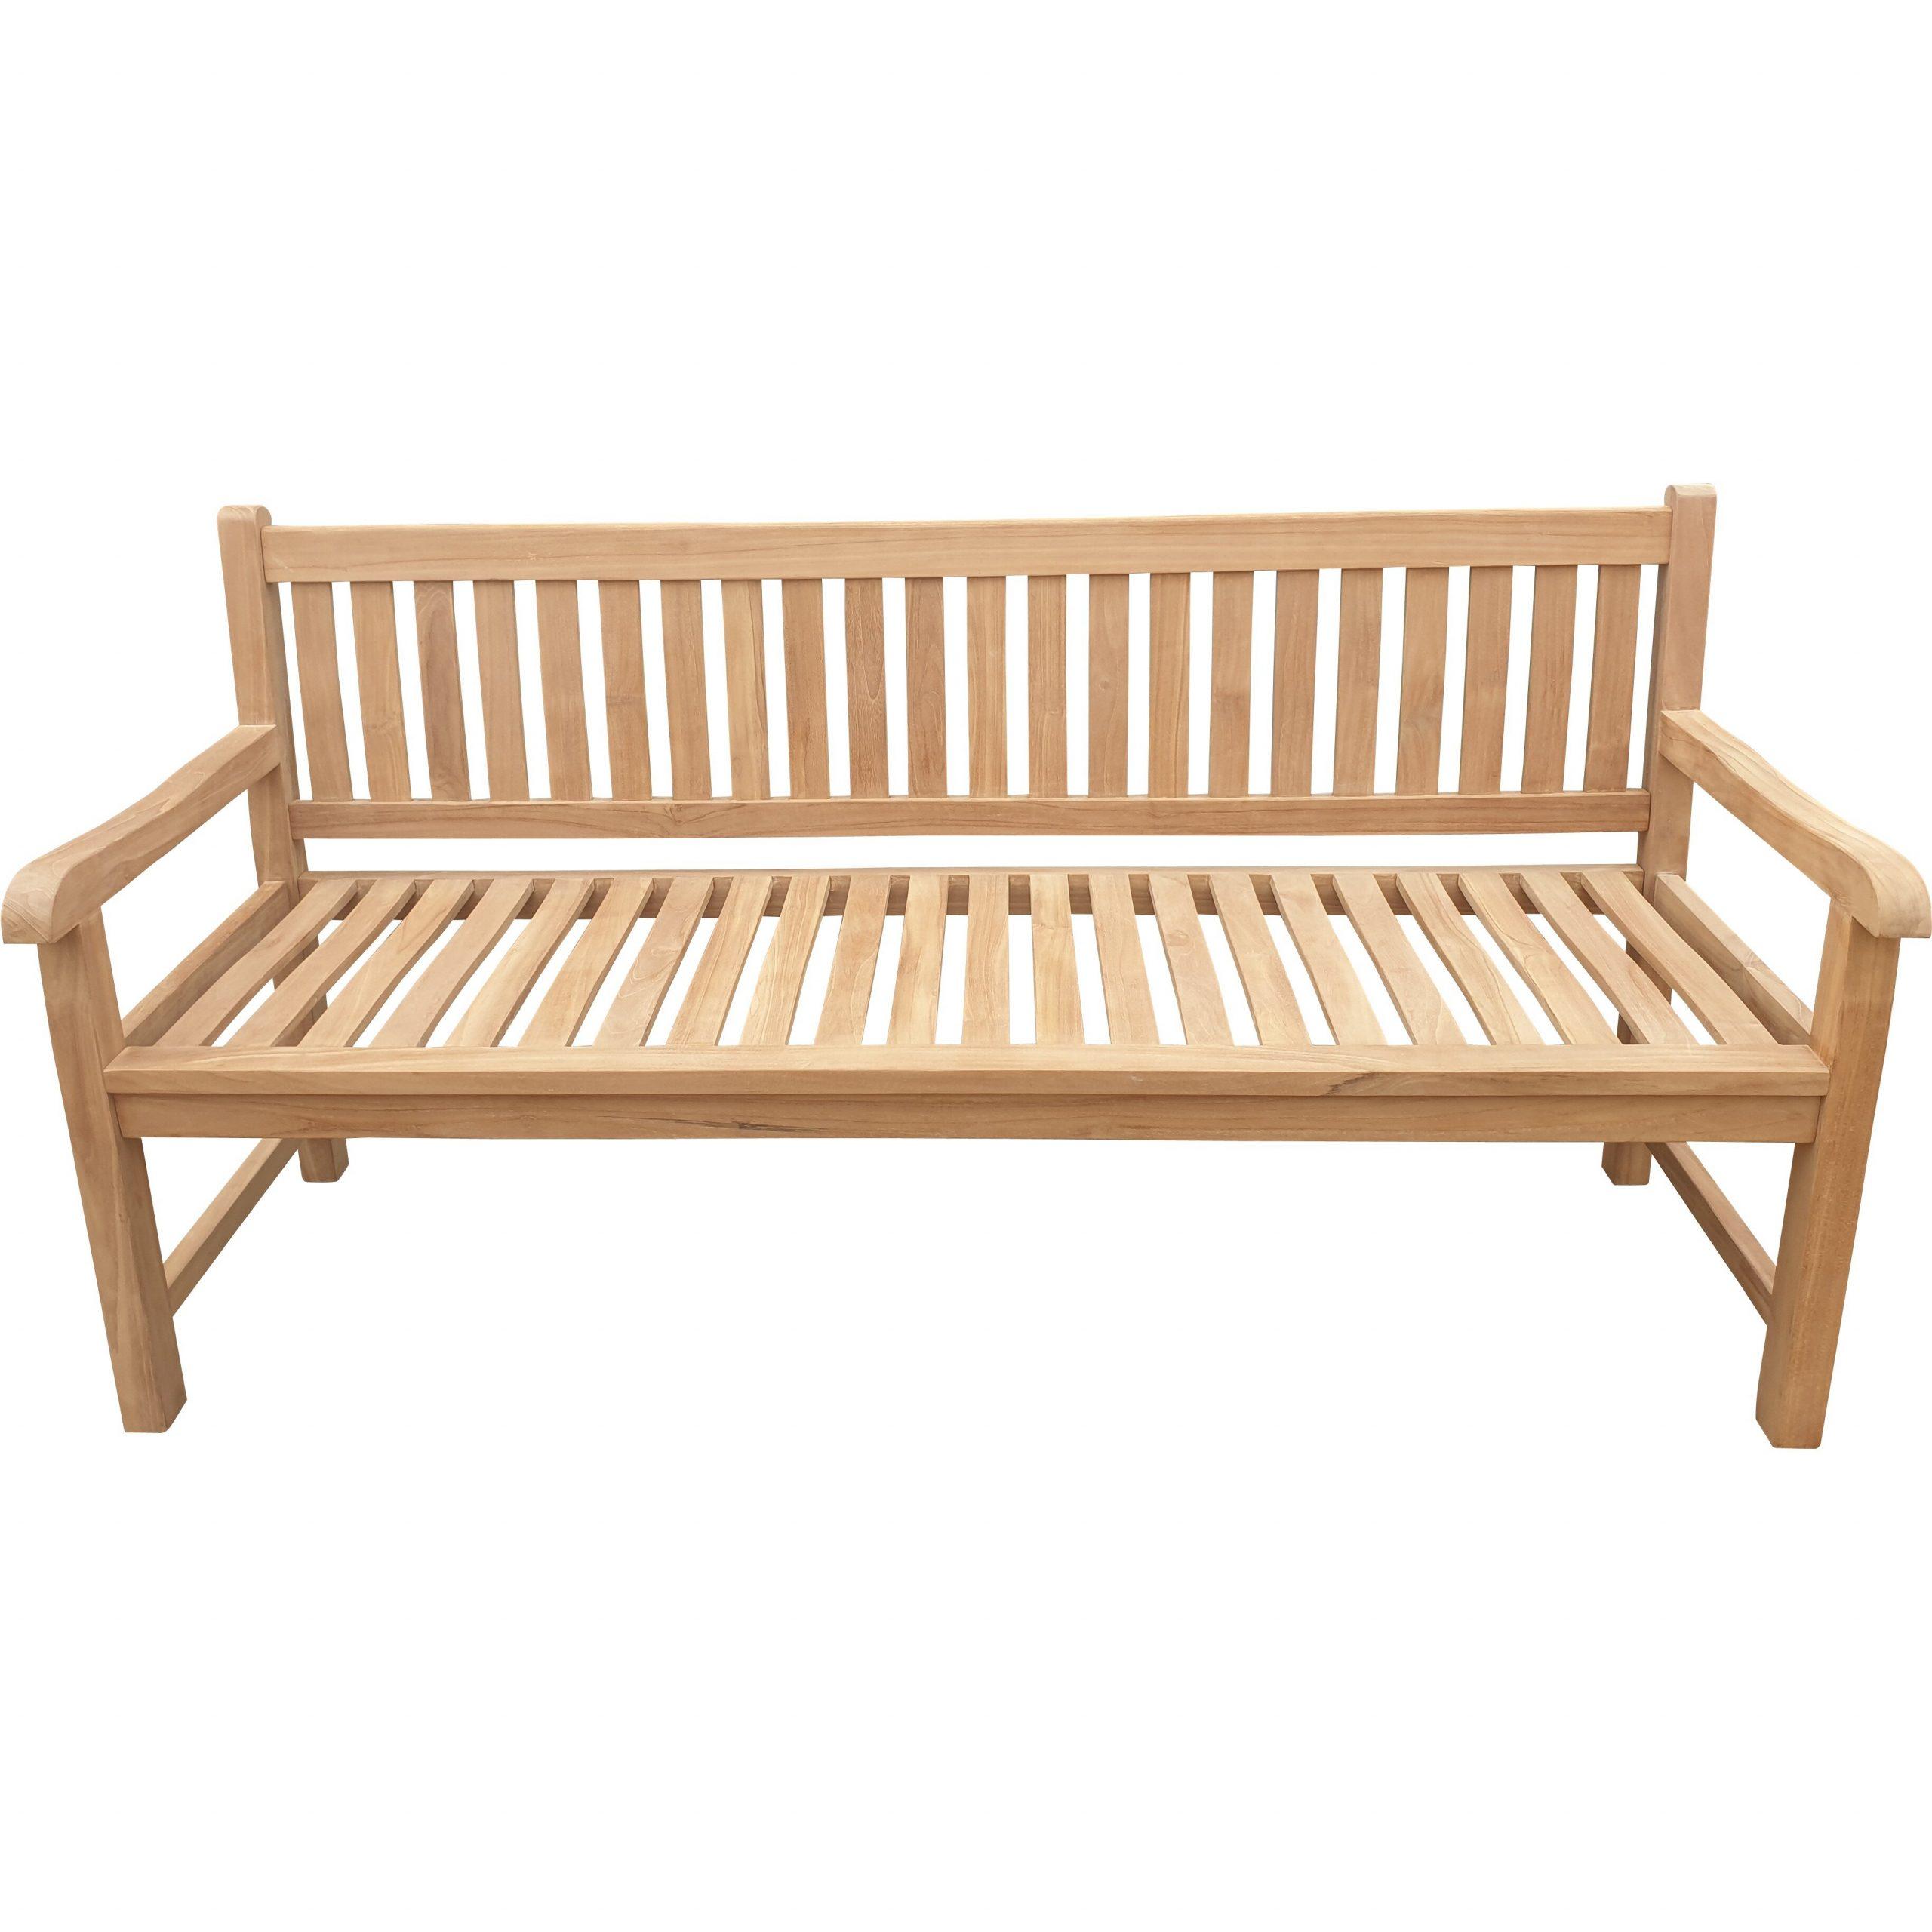 Jan Solid Wood Garden Bench Regarding Alfon Wood Garden Benches (View 10 of 25)